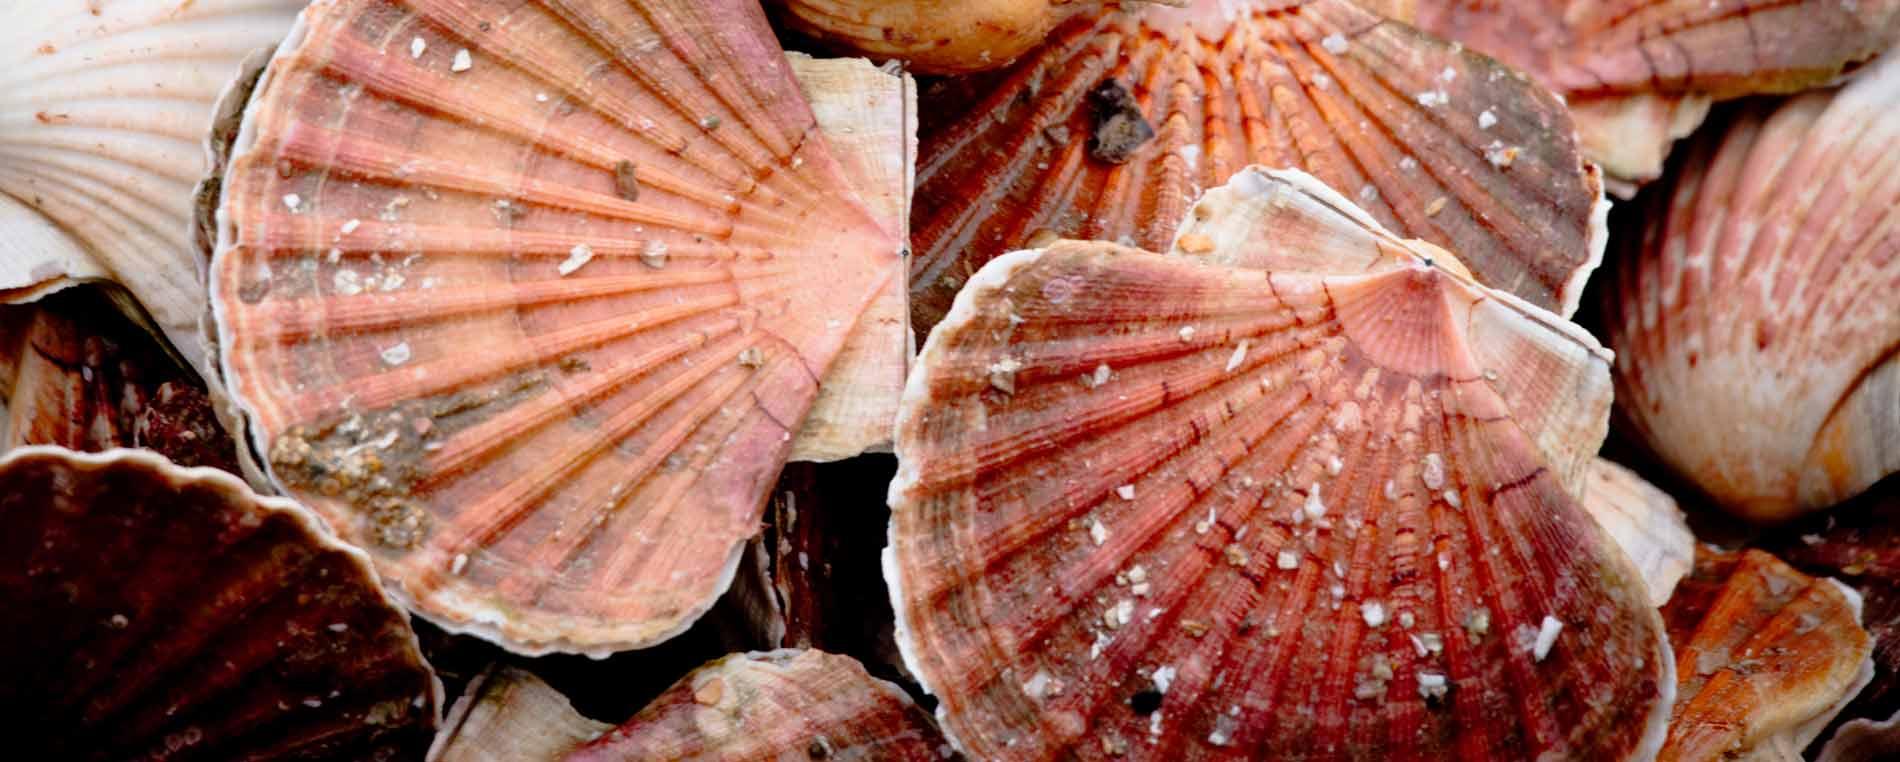 Notre recette du mois : Saint-Jacques de la Baie de Morlaix contisées aux champignons bruns